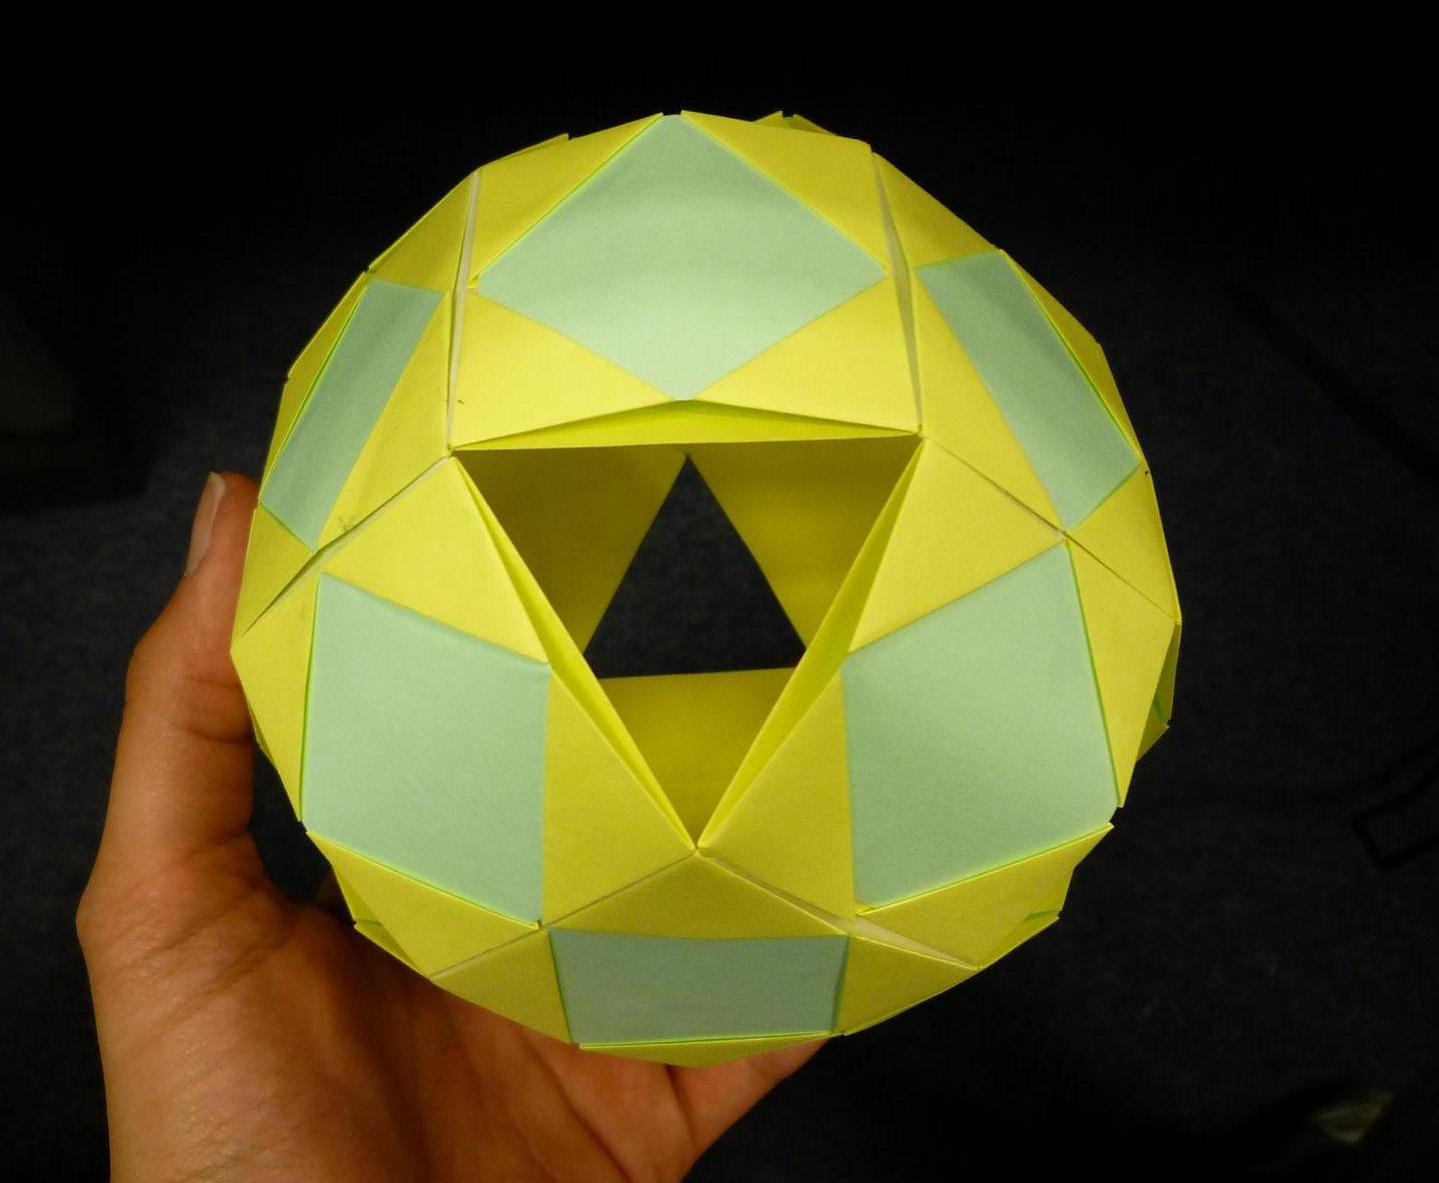 Creaciones en Origami: Esfera / Sphere - photo#29